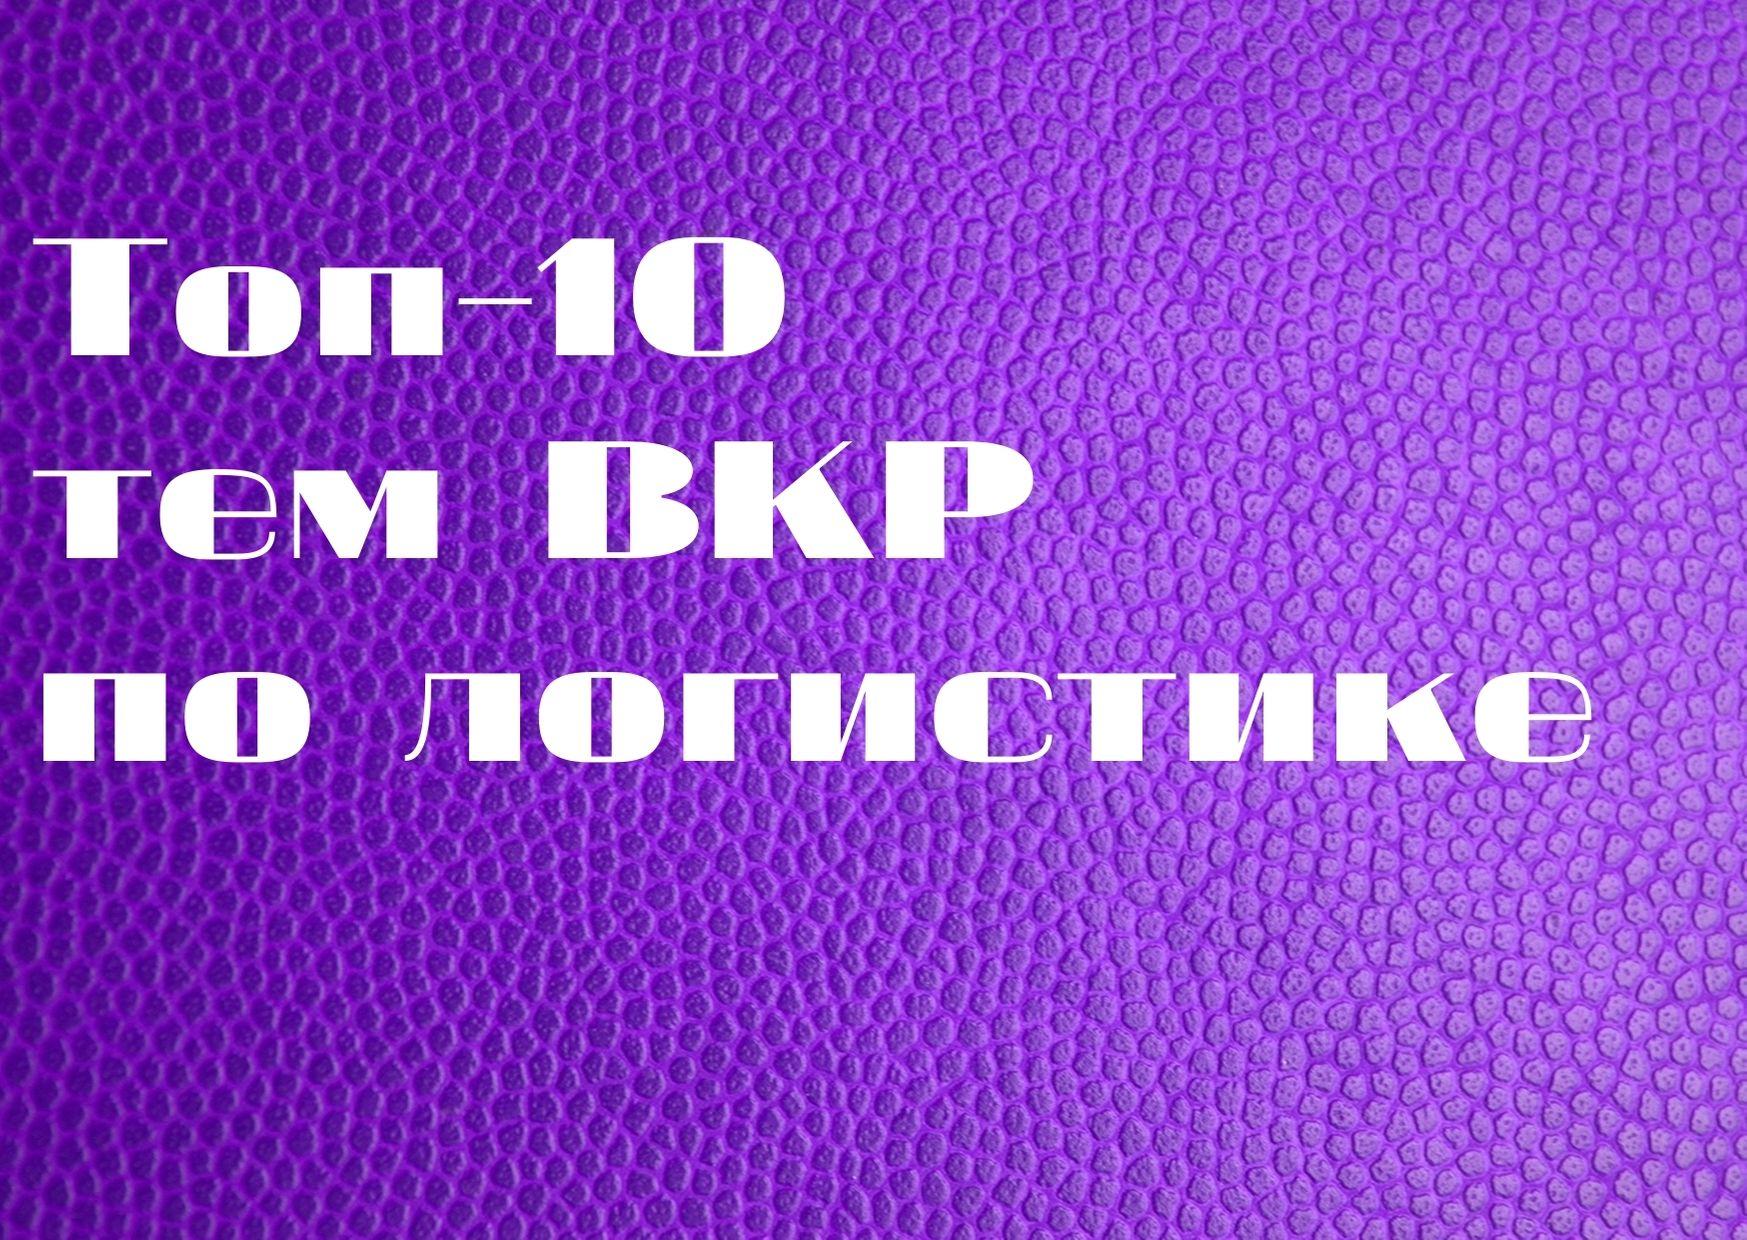 Топ-10 тем ВКР по логистике